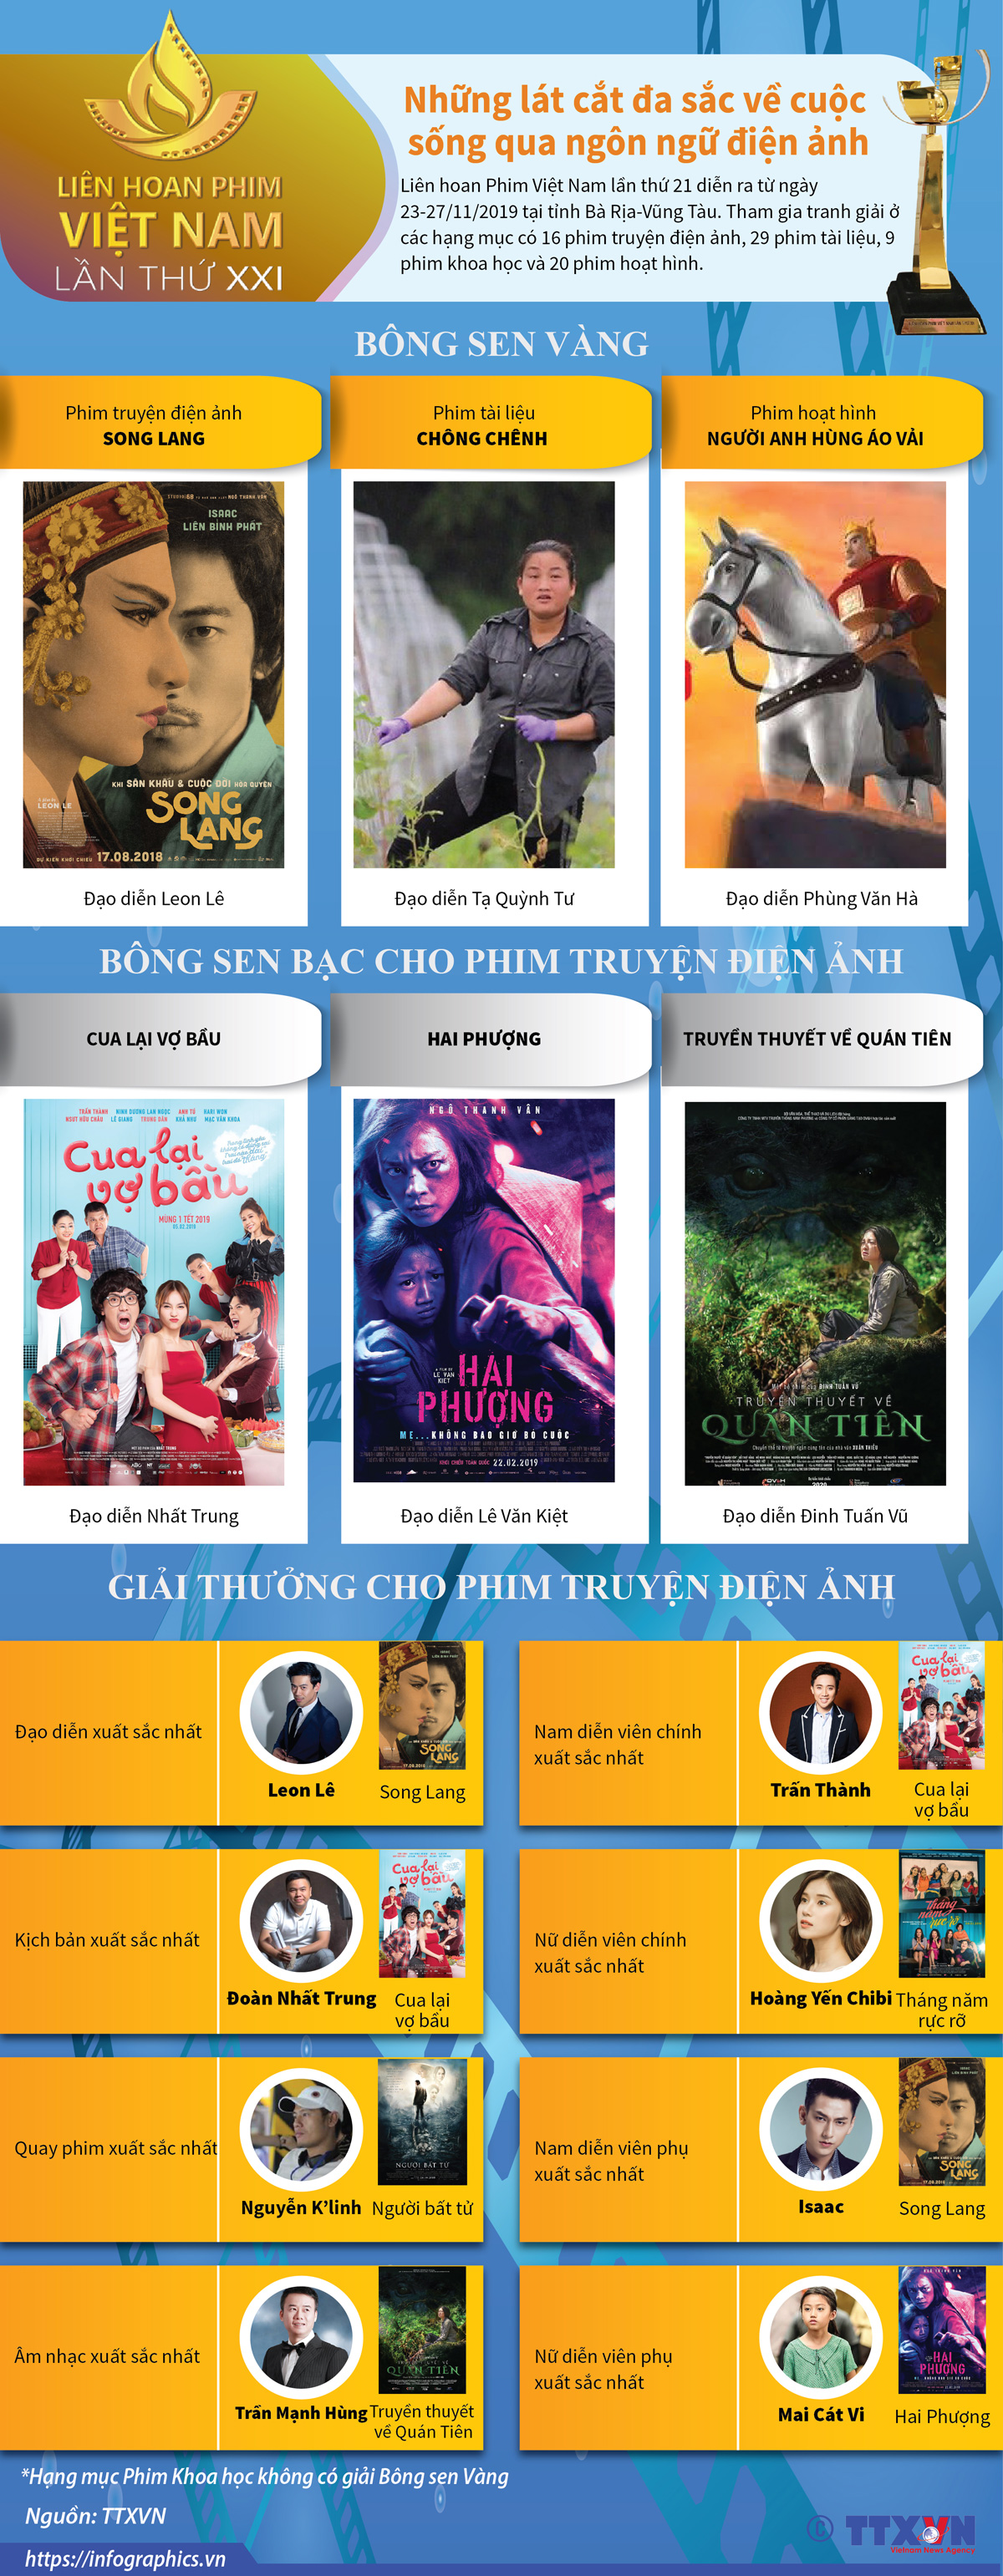 Liên hoan Phim Việt Nam, lát cắt, đa sắc, cuộc sống, ngôn ngữ điện ảnh